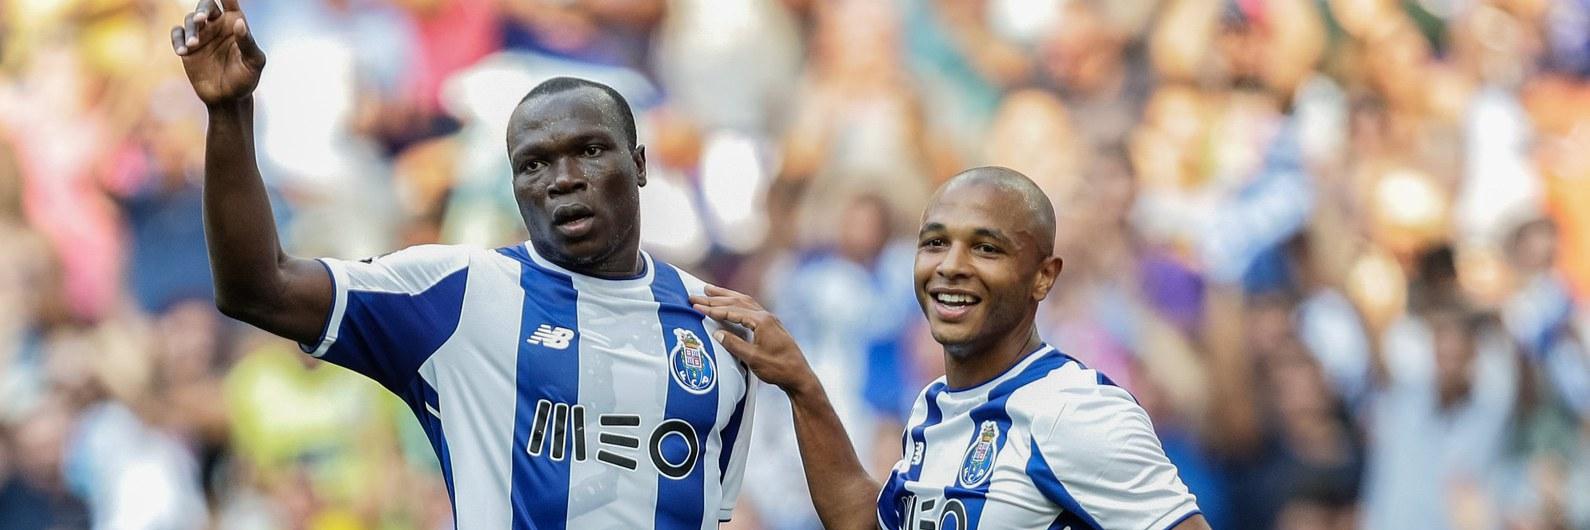 Vitória do FC Porto ao ritmo de um hat-trick de Aboubakar